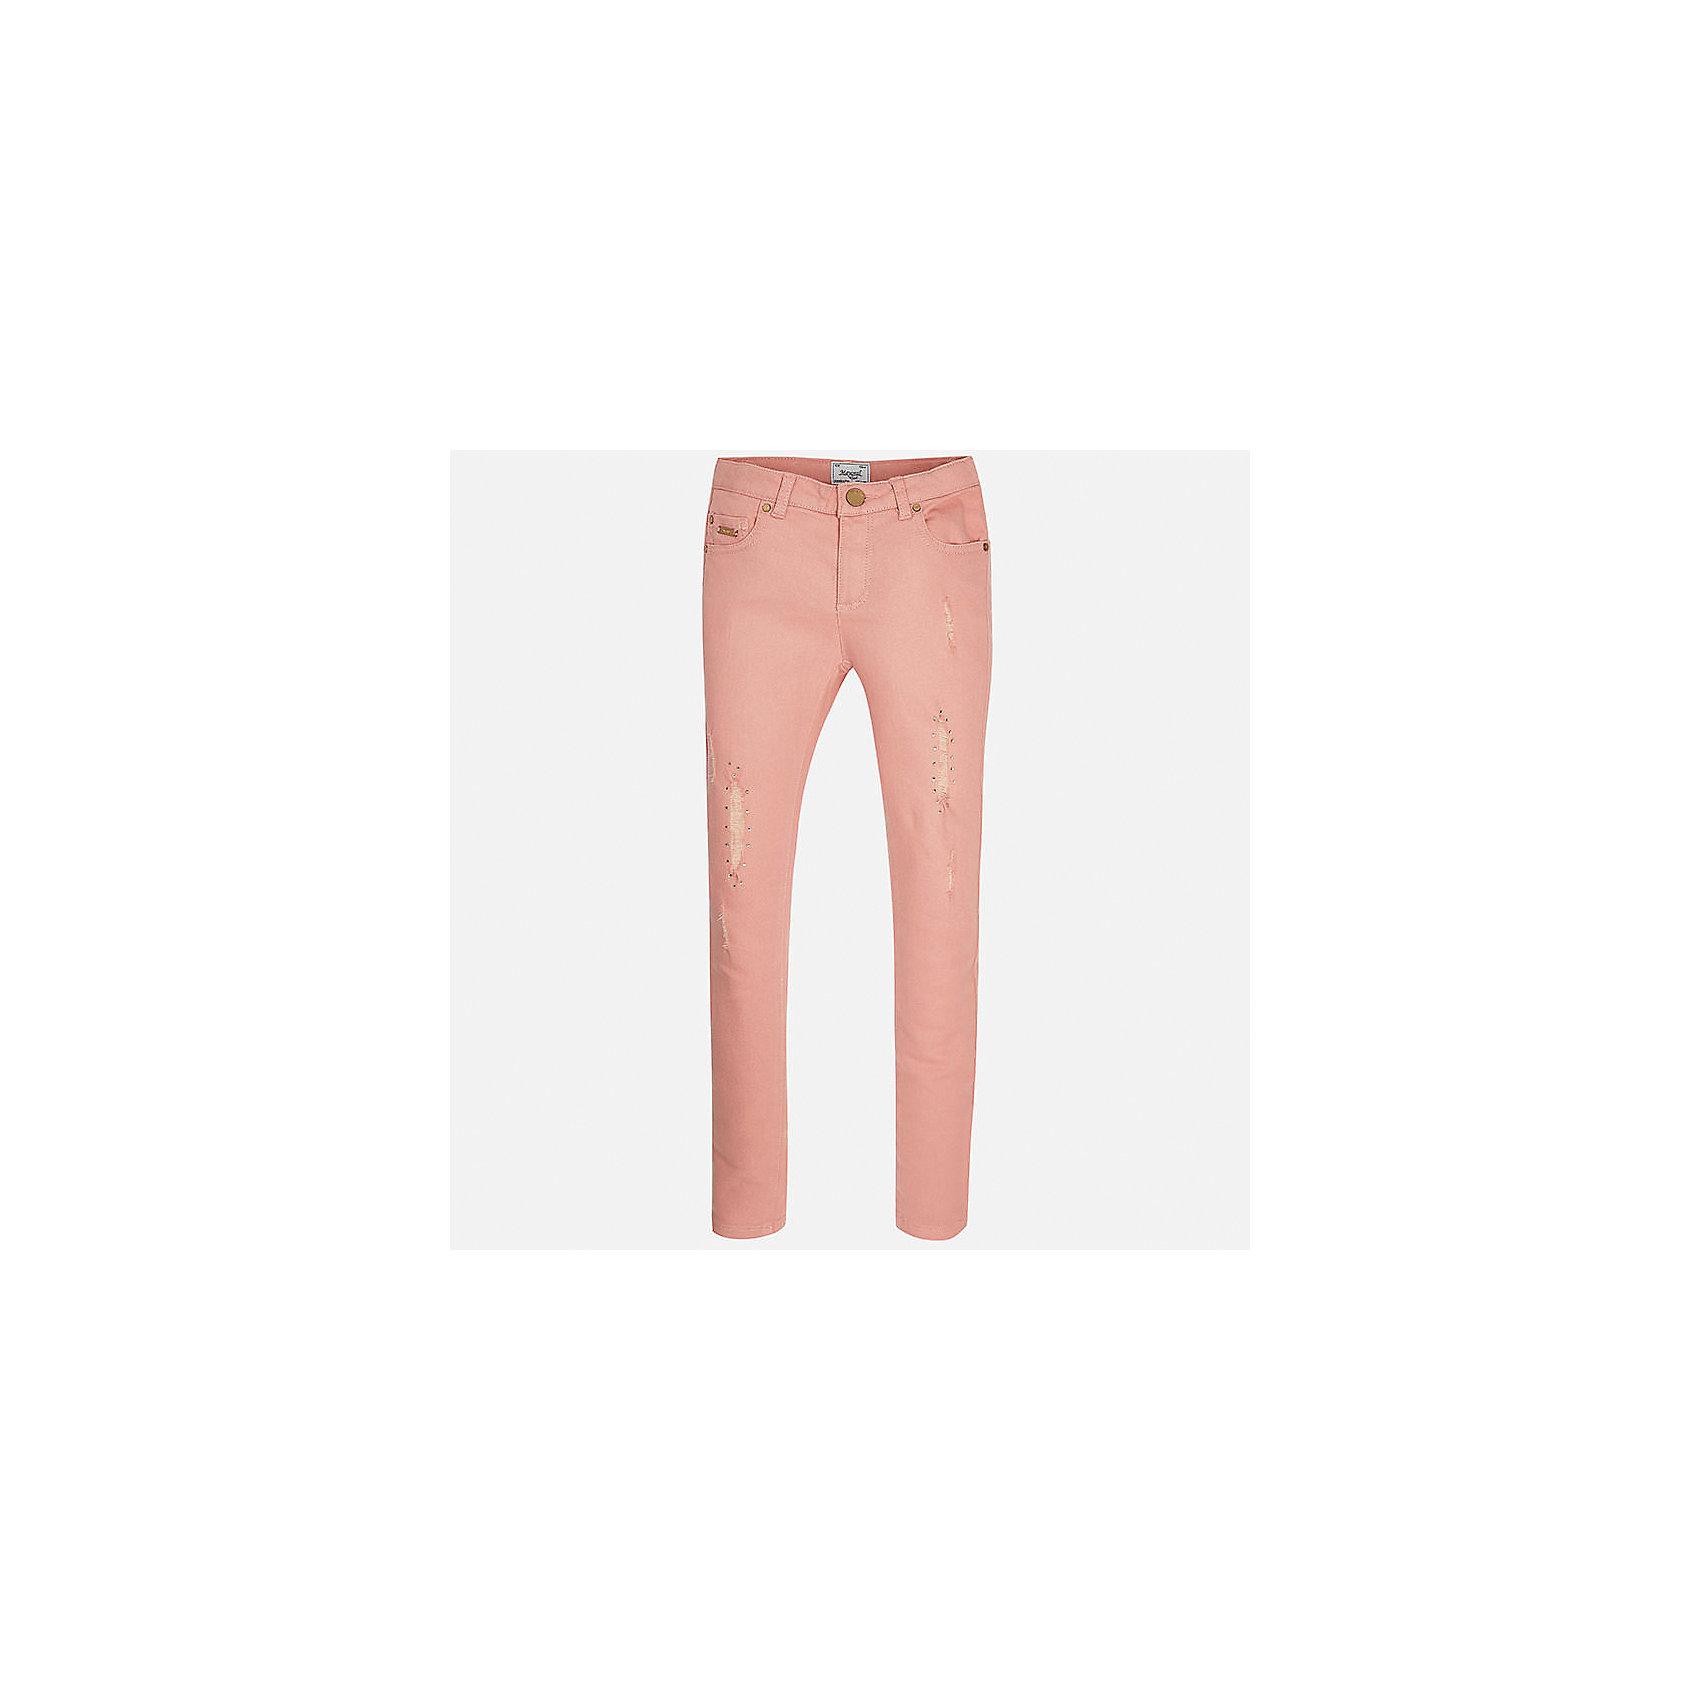 Брюки для девочки MayoralХарактеристики товара:<br><br>• цвет: розовый<br>• состав: 98% хлопок, 2% эластан<br>• классический силуэт<br>• карманы<br>• пояс с регулировкой объема<br>• шлевки<br>• страна бренда: Испания<br><br>Стильные брюки для девочки смогут разнообразить гардероб ребенка и украсить наряд. Они отлично сочетаются с майками, футболками, блузками. Красивый оттенок позволяет подобрать к вещи верх разных расцветок. Интересный крой модели делает её нарядной и оригинальной. В составе материала - натуральный хлопок, гипоаллергенный, приятный на ощупь, дышащий.<br><br>Одежда, обувь и аксессуары от испанского бренда Mayoral полюбились детям и взрослым по всему миру. Модели этой марки - стильные и удобные. Для их производства используются только безопасные, качественные материалы и фурнитура. Порадуйте ребенка модными и красивыми вещами от Mayoral! <br><br>Брюки для девочки от испанского бренда Mayoral (Майорал) можно купить в нашем интернет-магазине.<br><br>Ширина мм: 215<br>Глубина мм: 88<br>Высота мм: 191<br>Вес г: 336<br>Цвет: розовый<br>Возраст от месяцев: 168<br>Возраст до месяцев: 180<br>Пол: Женский<br>Возраст: Детский<br>Размер: 170,128/134,140,152,158,164<br>SKU: 5293020